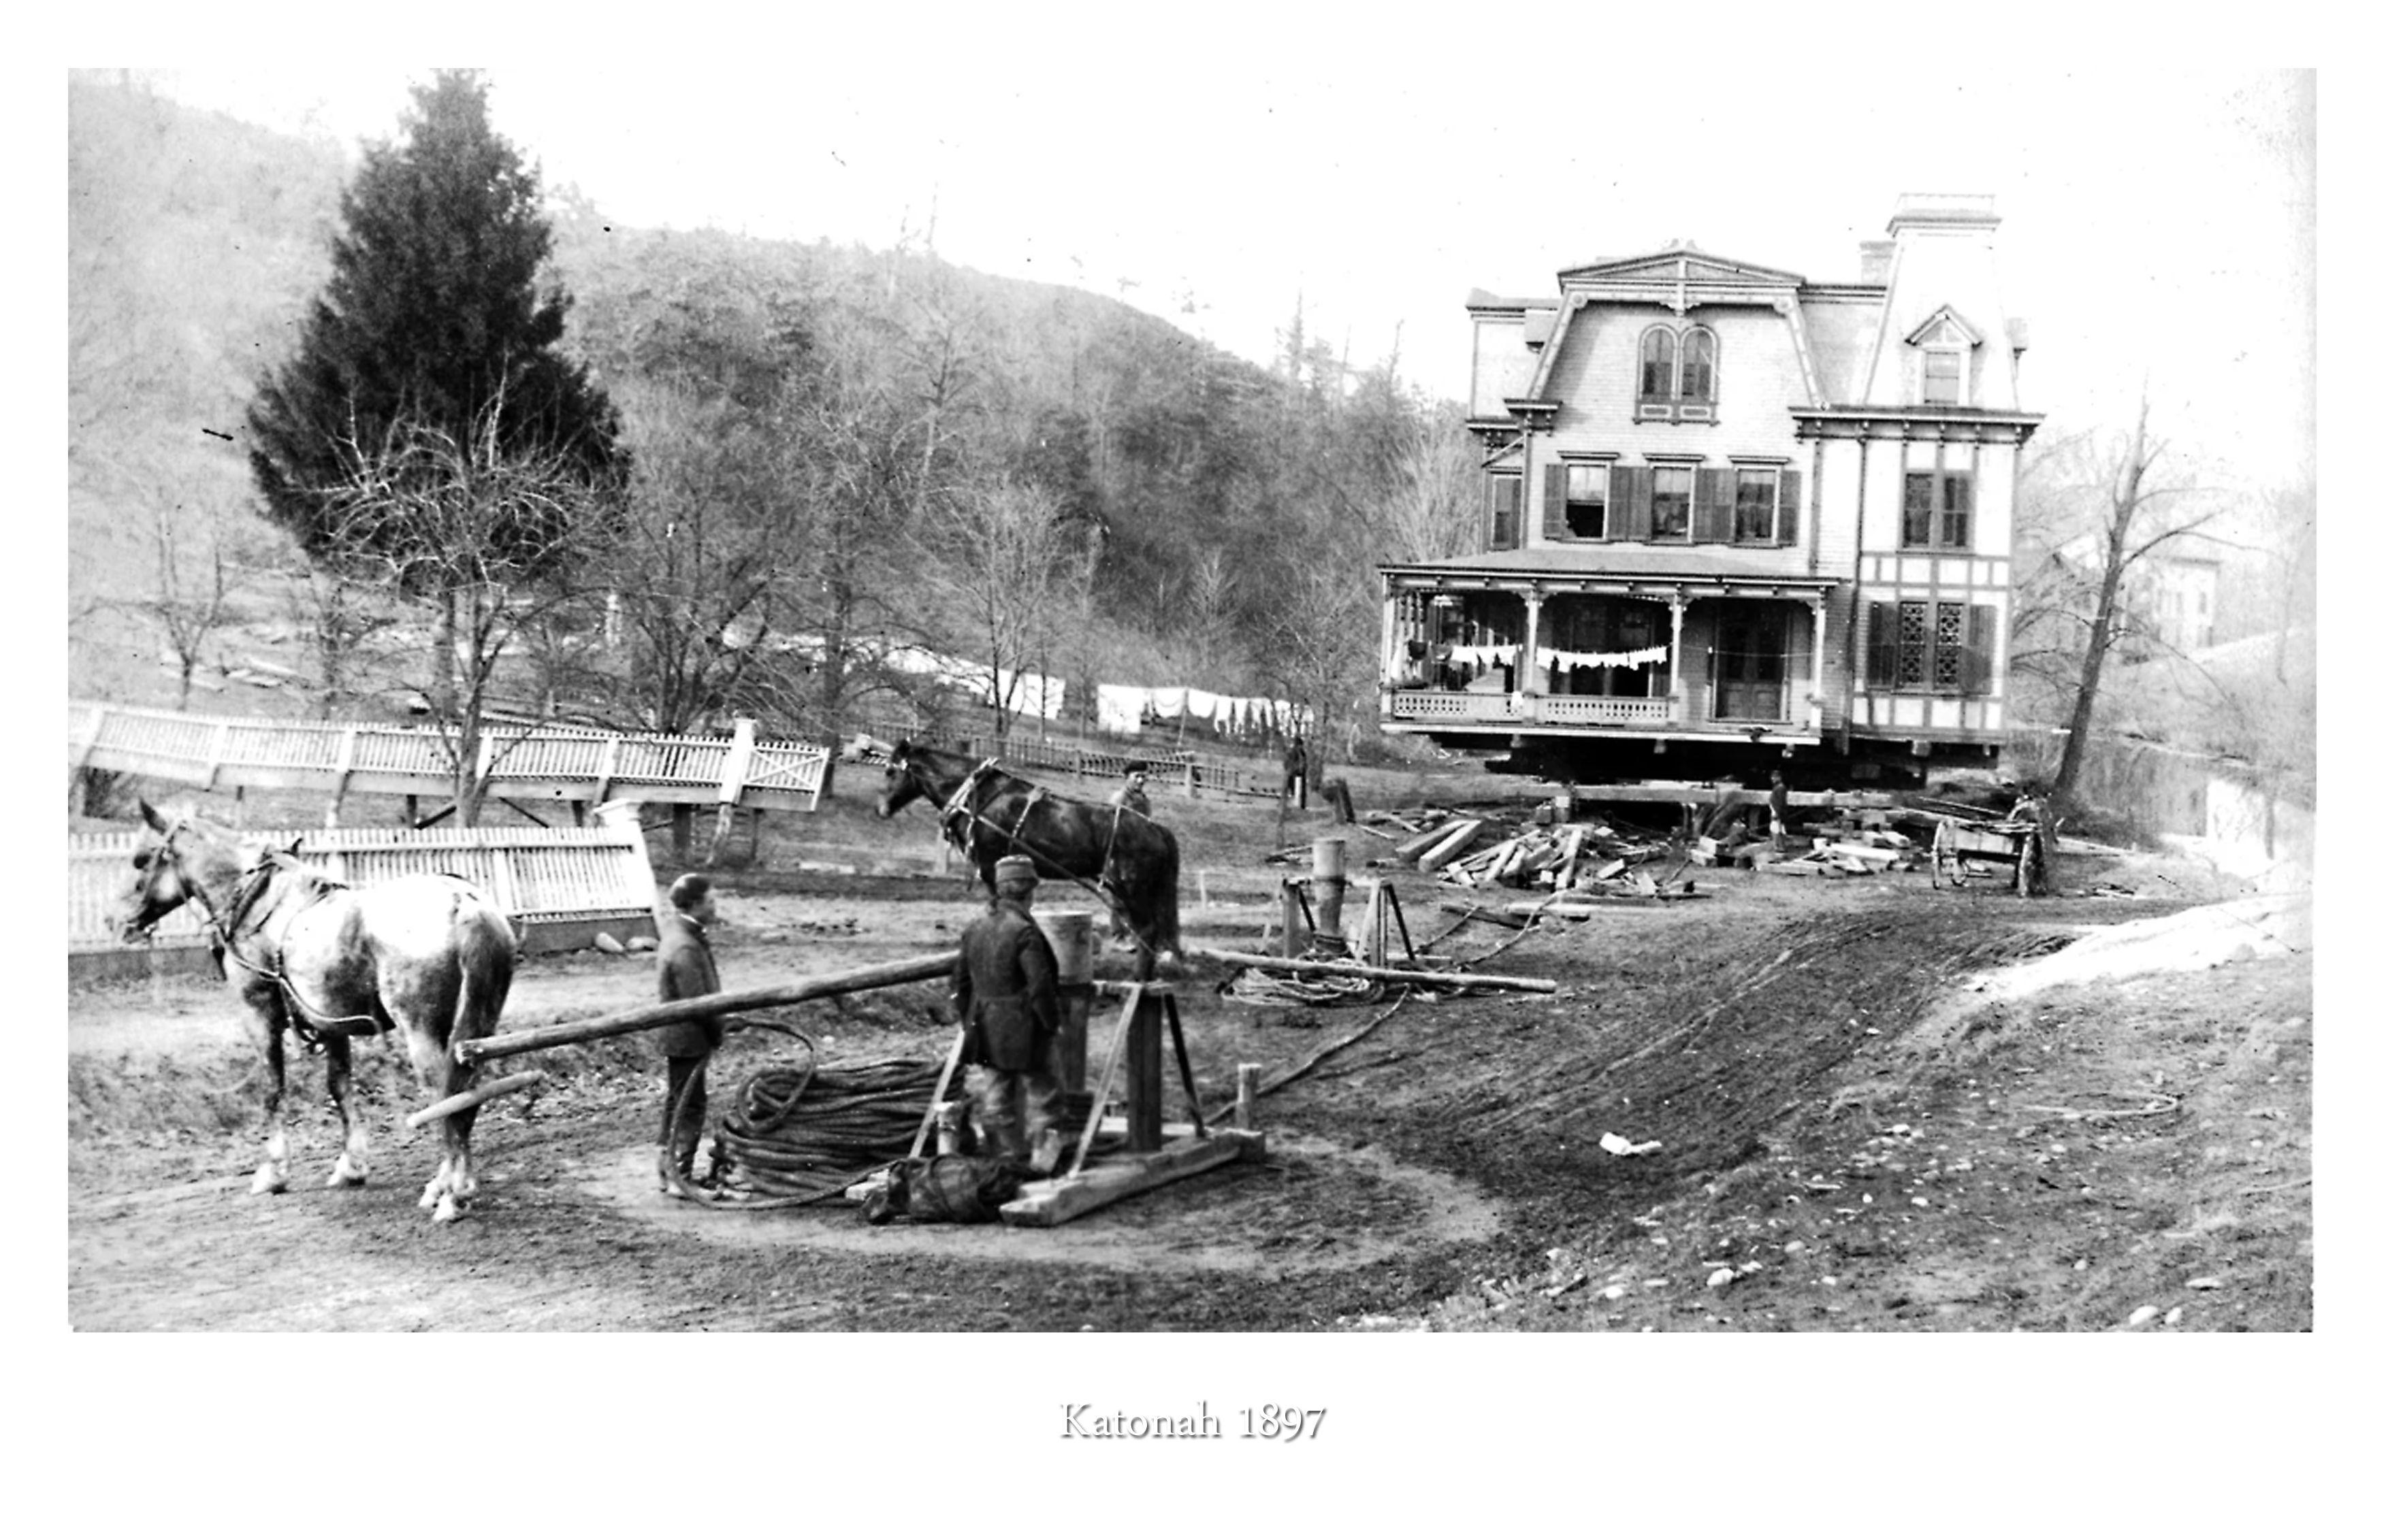 Eins von insgesamt 55 Häuser die 1897 für den Ausbau der New Yorker Wasserstraßen in Katonah (New York) verlegt wurden. Viele Bewohner lebten während des Transportes weiterhin in ihren Häusern. Heute zählen die alten viktorianischen Villen zu den begehrtesten Immobilien der USA.